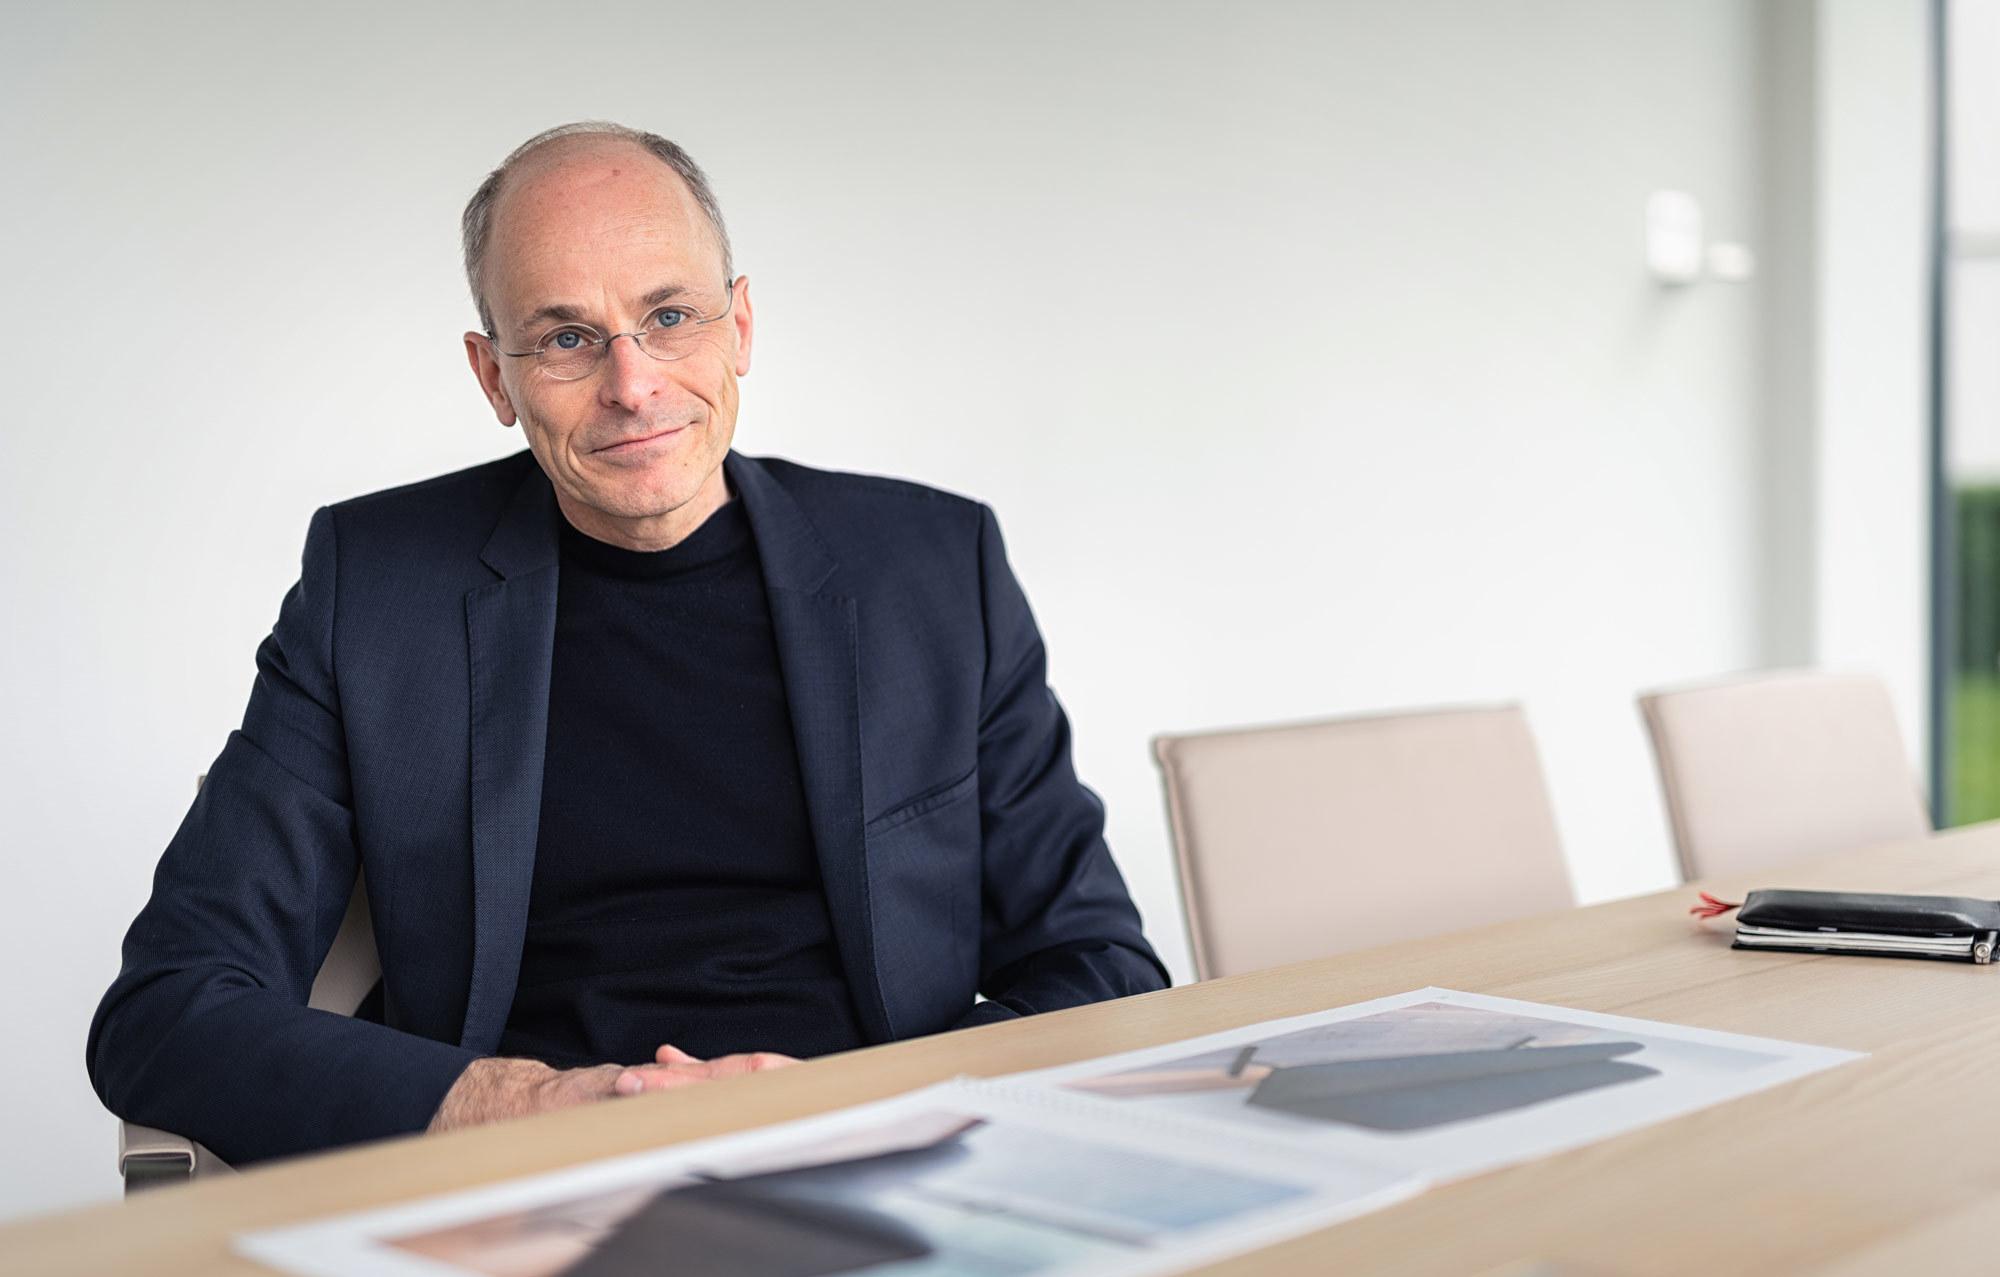 Zu Hause arbeiten: Wie der Schweizer Möbelhersteller Girsberger seine Kollektion an eine veränderte Arbeitswelt anpasst, erklärt Designchef Mathias Seiler. Foto: Daniel Kuhn